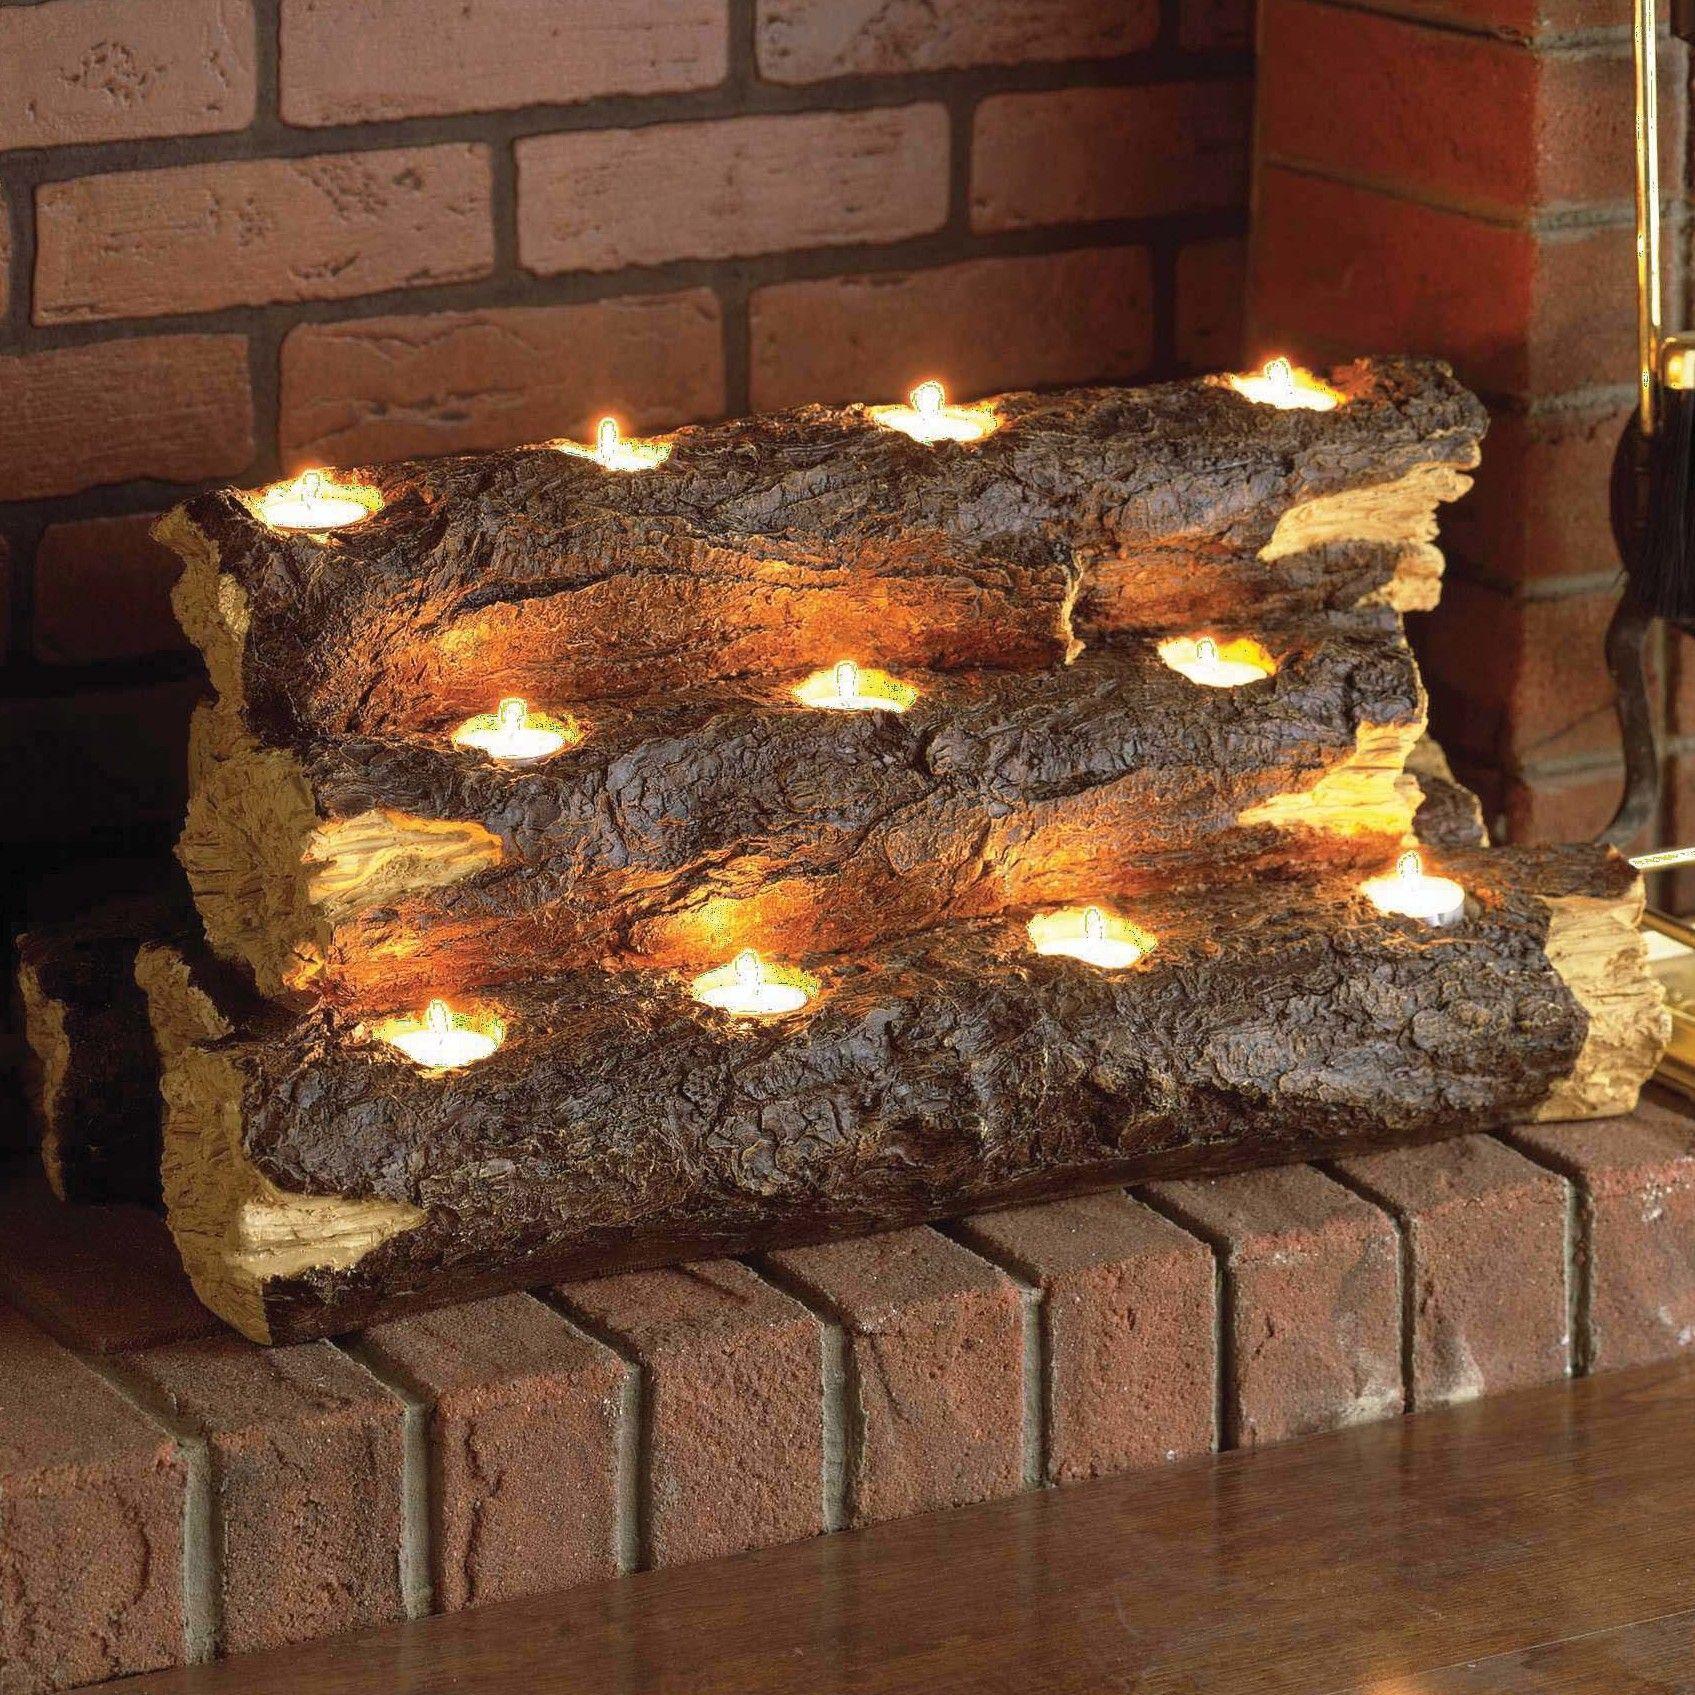 Wildon Home ® Resin Tealight Fireplace Log & Reviews   Wayfair ...